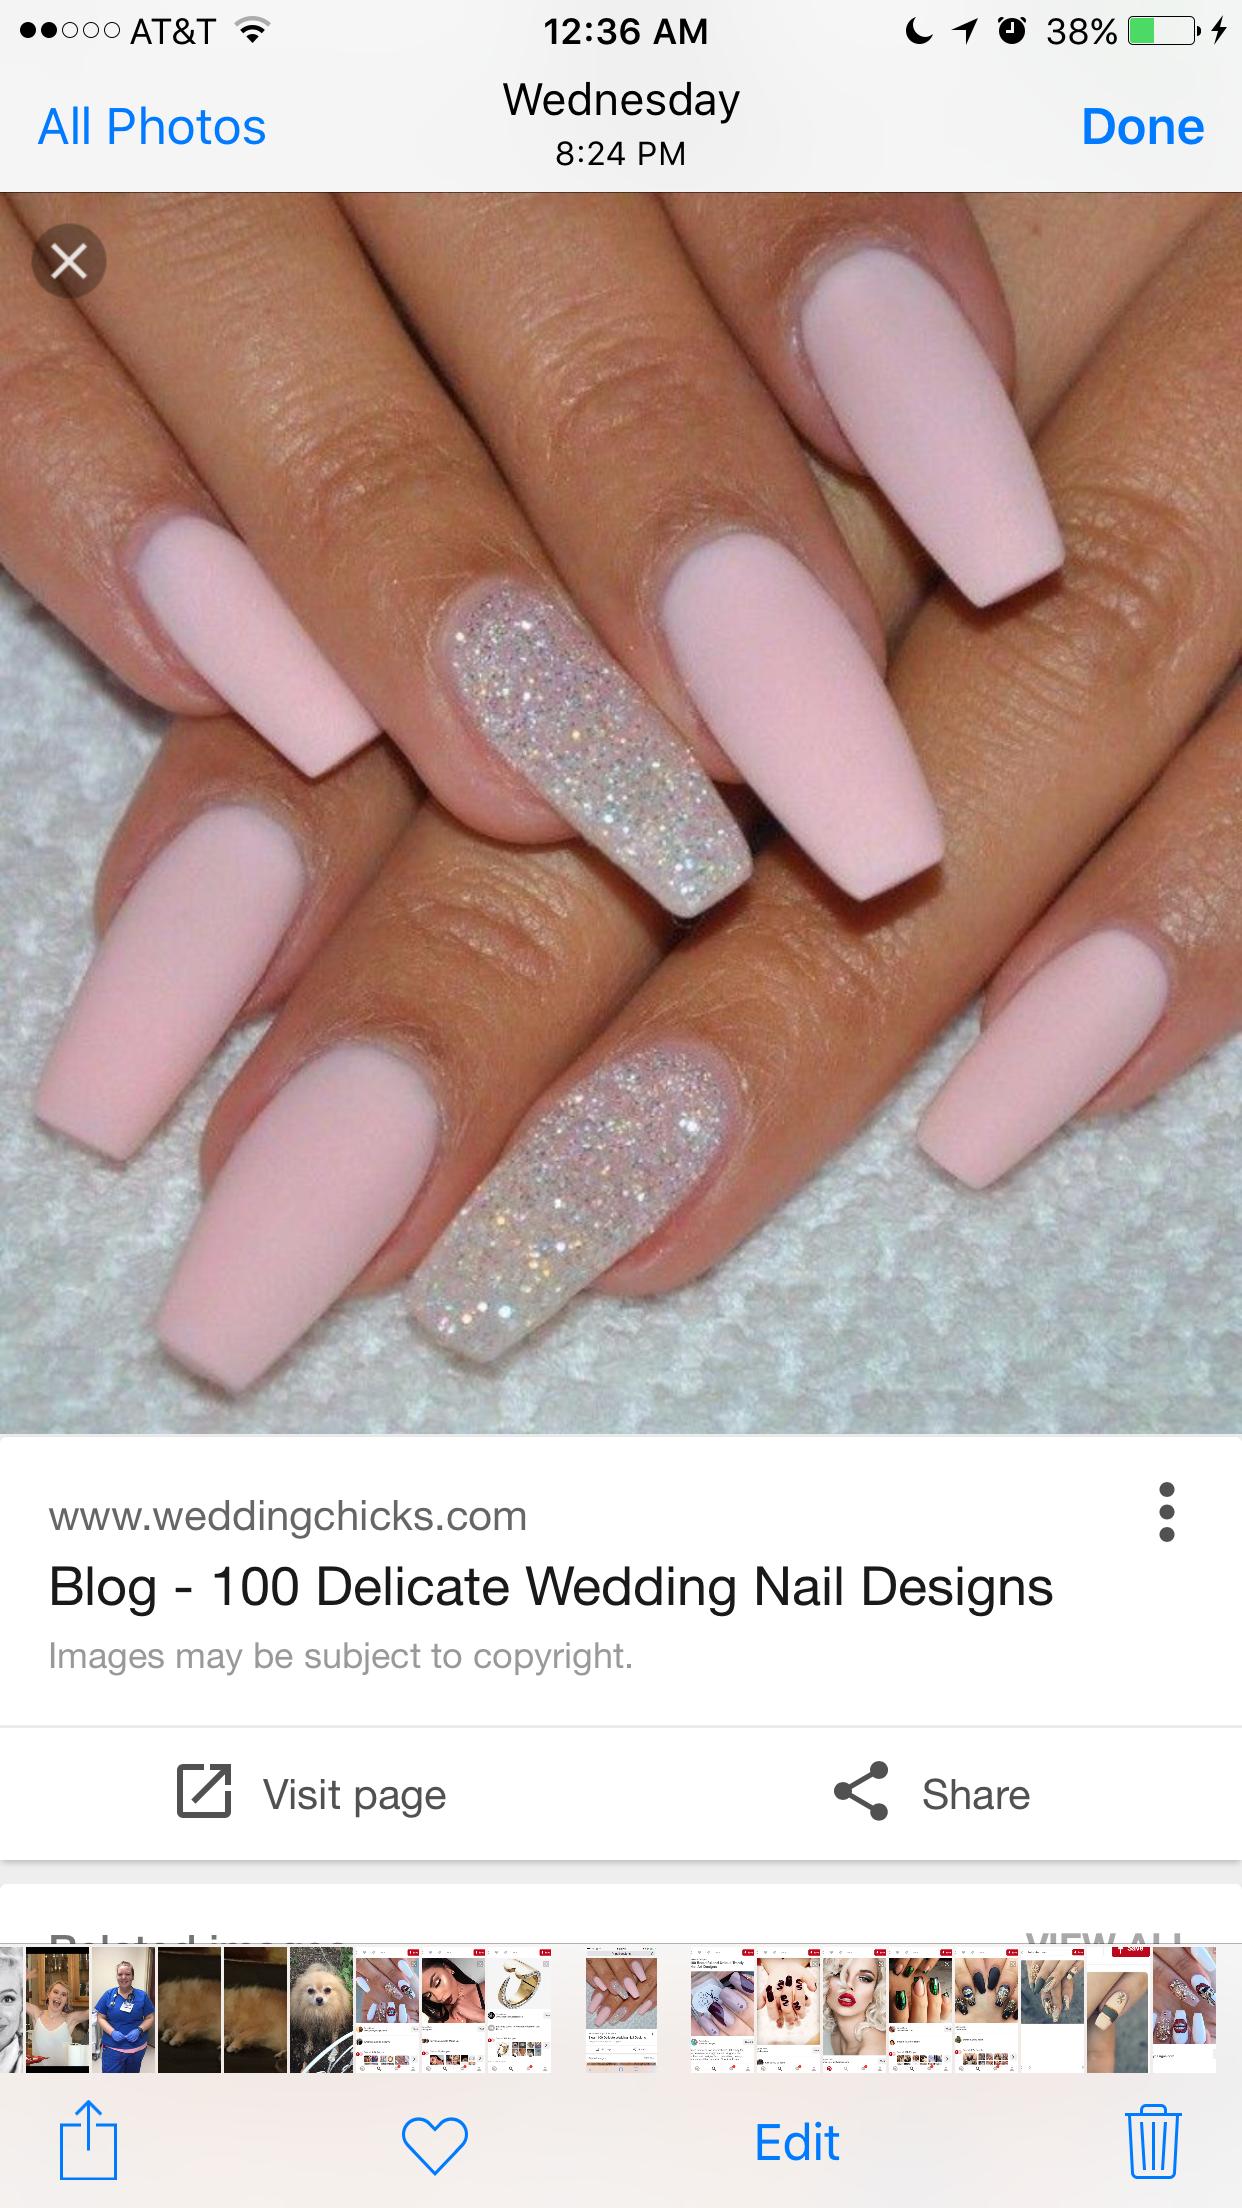 Pin by Erin Dunn on Nail designs | Pinterest | Nail nail, Prom nails ...